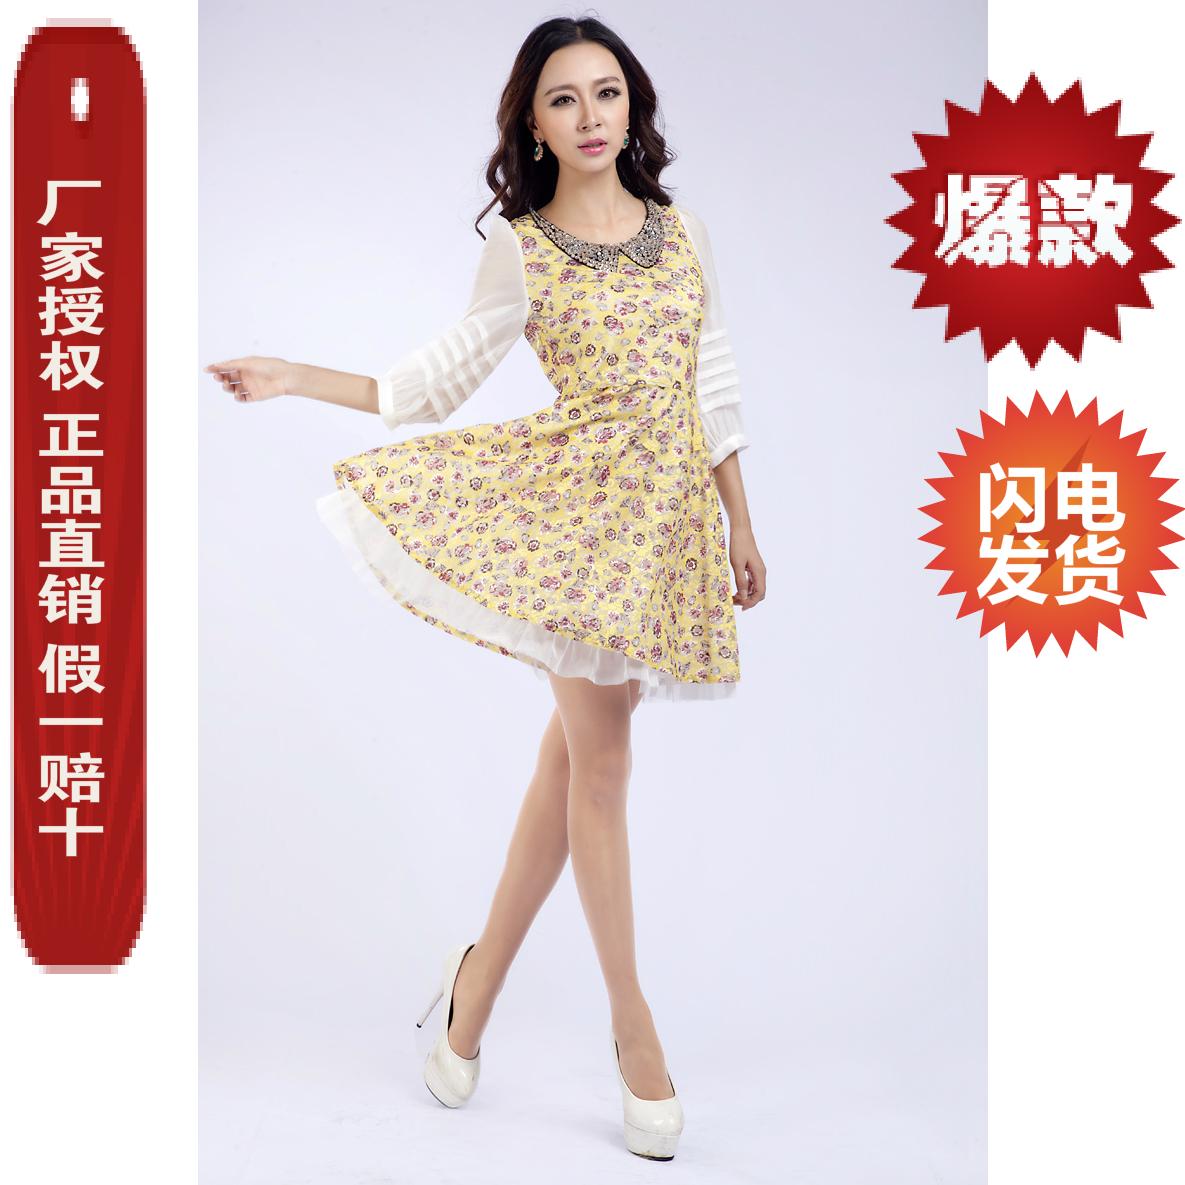 依美瑞服饰_正品 韩版娃娃领显瘦韩版欧根纱连衣裙 依美瑞,柏美秀y141l023商品